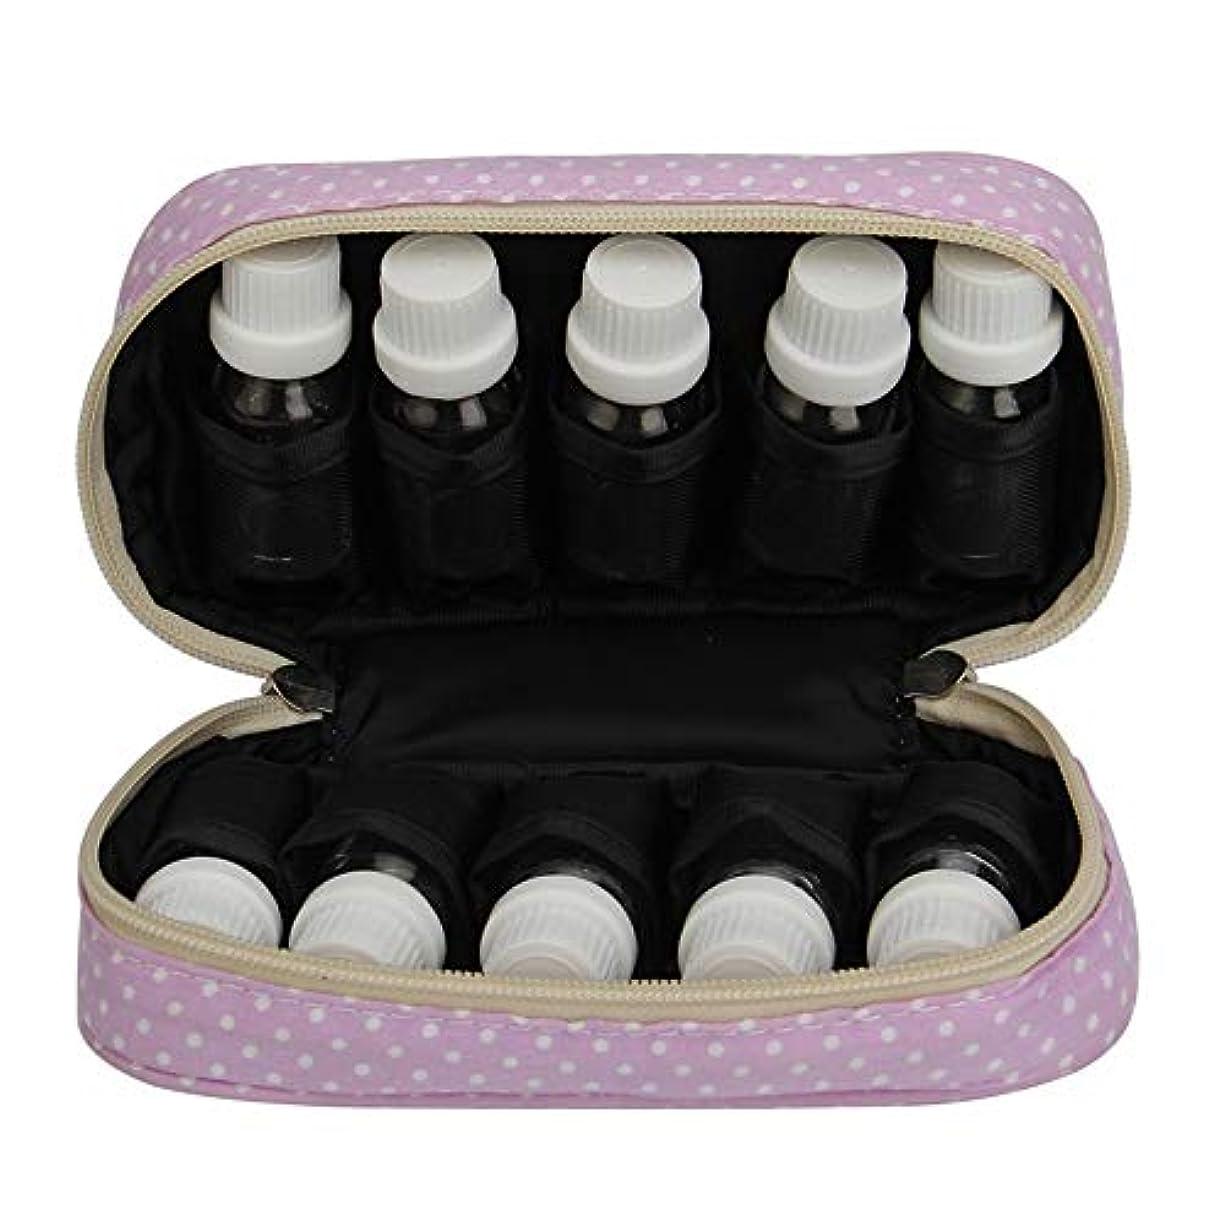 メタルラインプレビスサイト太字エッセンシャルオイルストレージボックス エッセンシャルオイルキャリングケースは、10本のボトル10-15MLトラベルオーガナイザーポーチバッグパープルを開催します 旅行およびプレゼンテーション用 (色 : 紫の, サイズ...